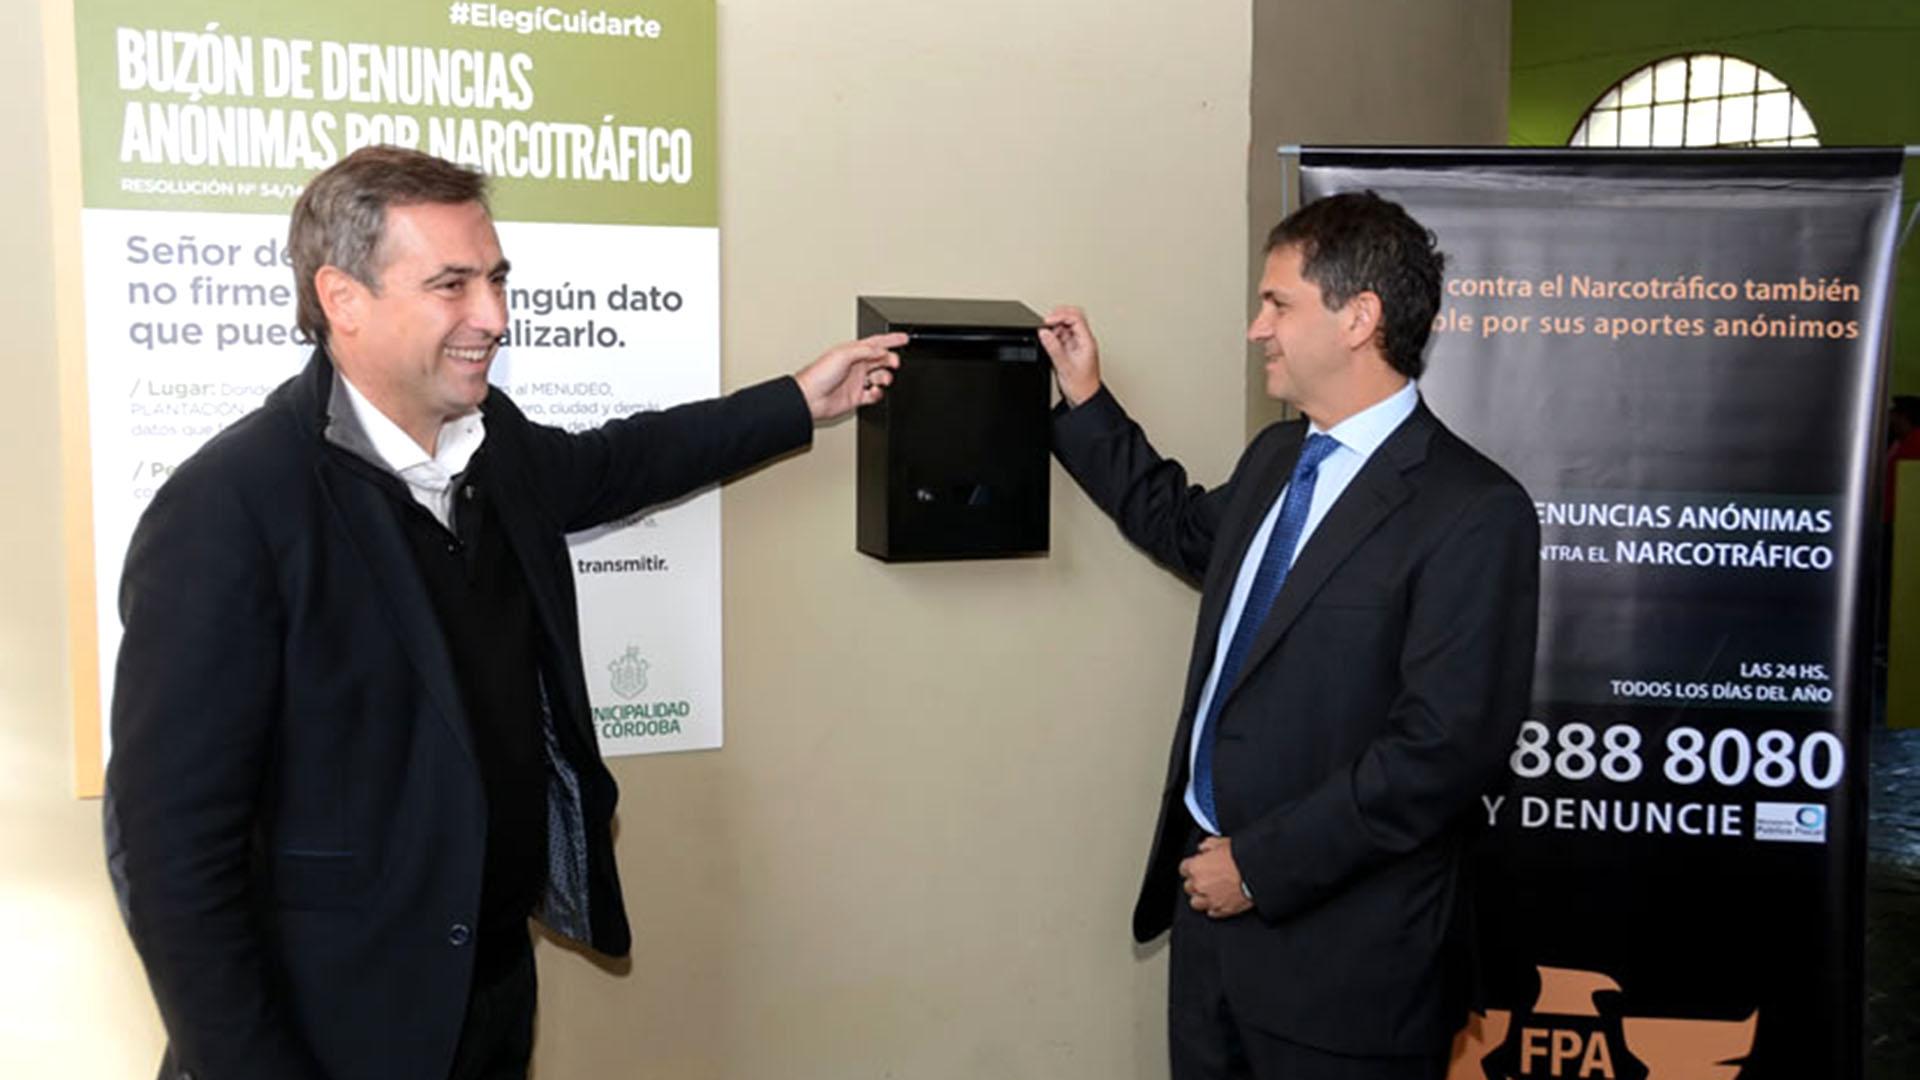 Inauguración de una de la urnas con denuncias anónimas en la provincia de Córdoba.